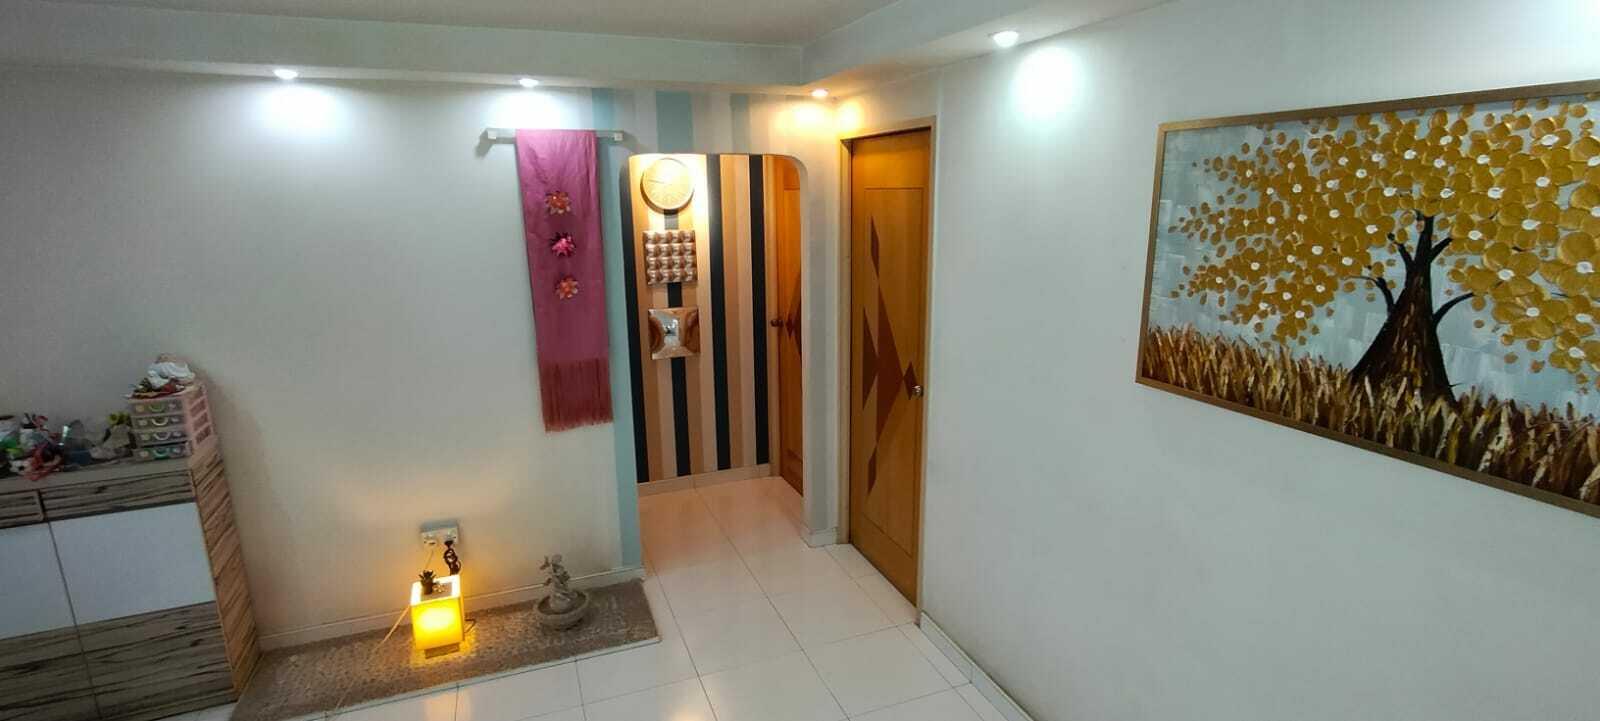 106 Bishan Street 12 #128512274